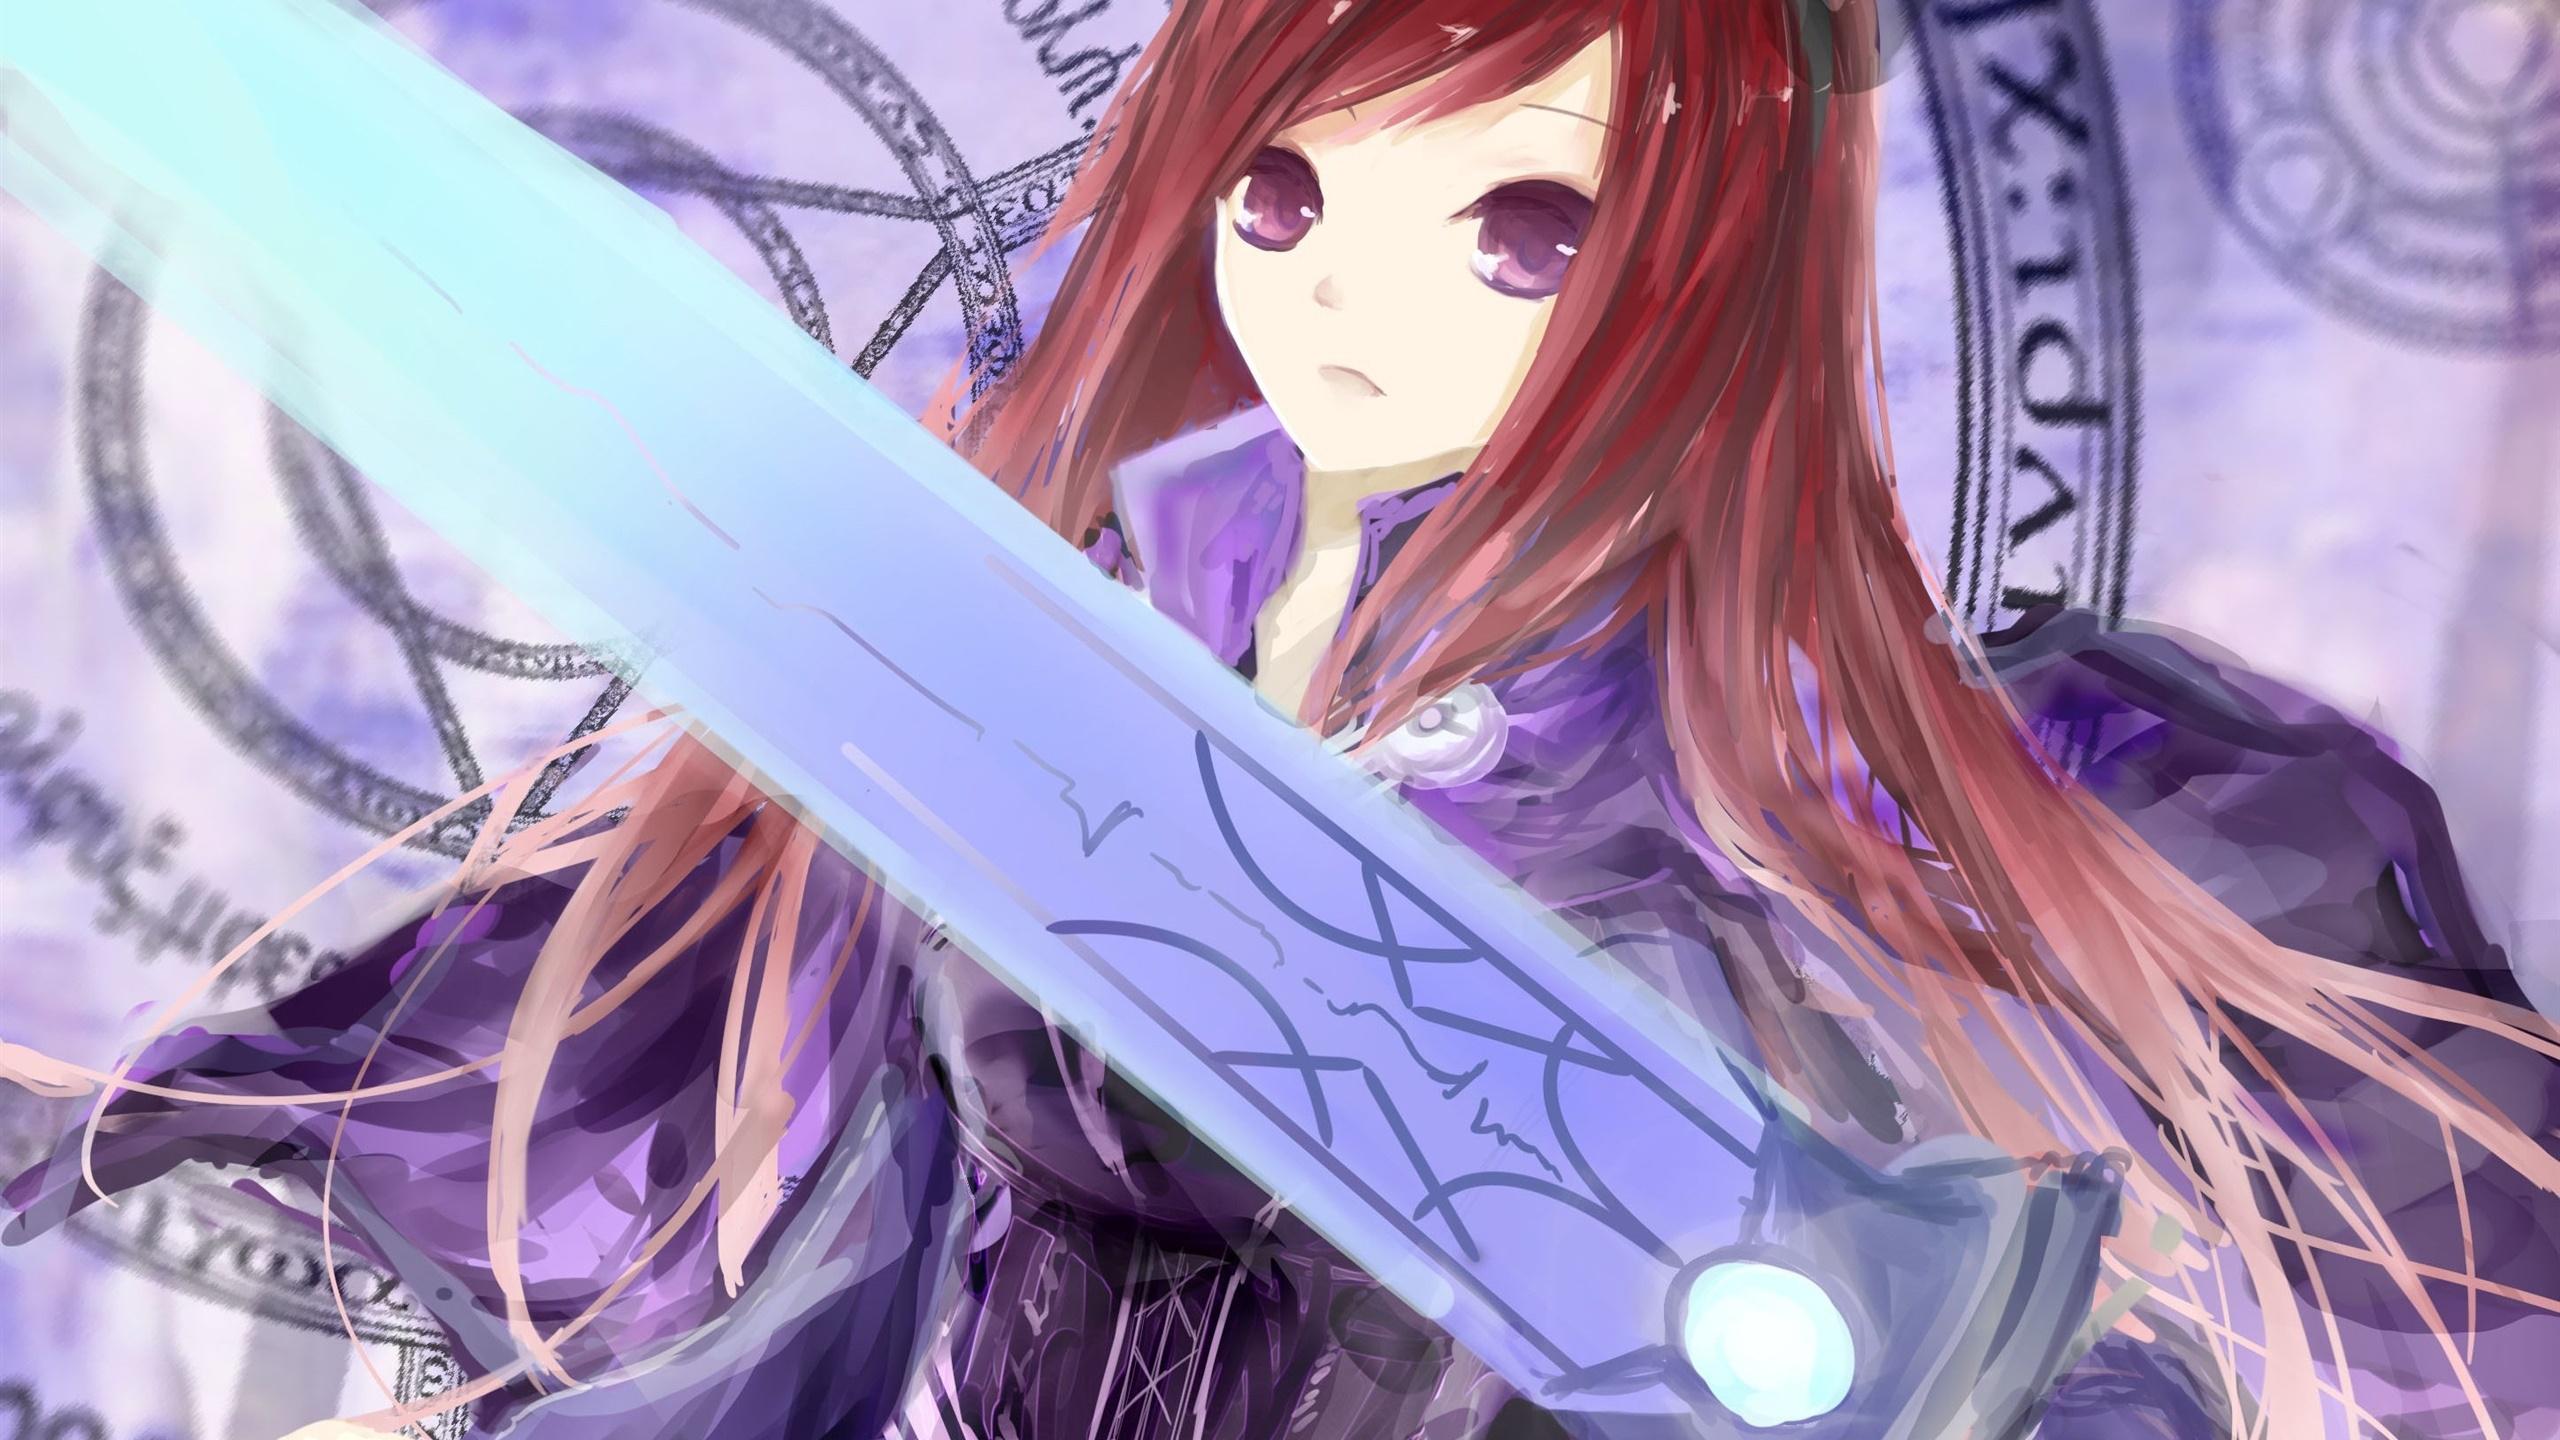 フェアリーテイル 赤い髪の少女 剣 アニメ デスクトップの壁紙 2560x1440 壁紙をダウンロード Ja Hdwall365 Com